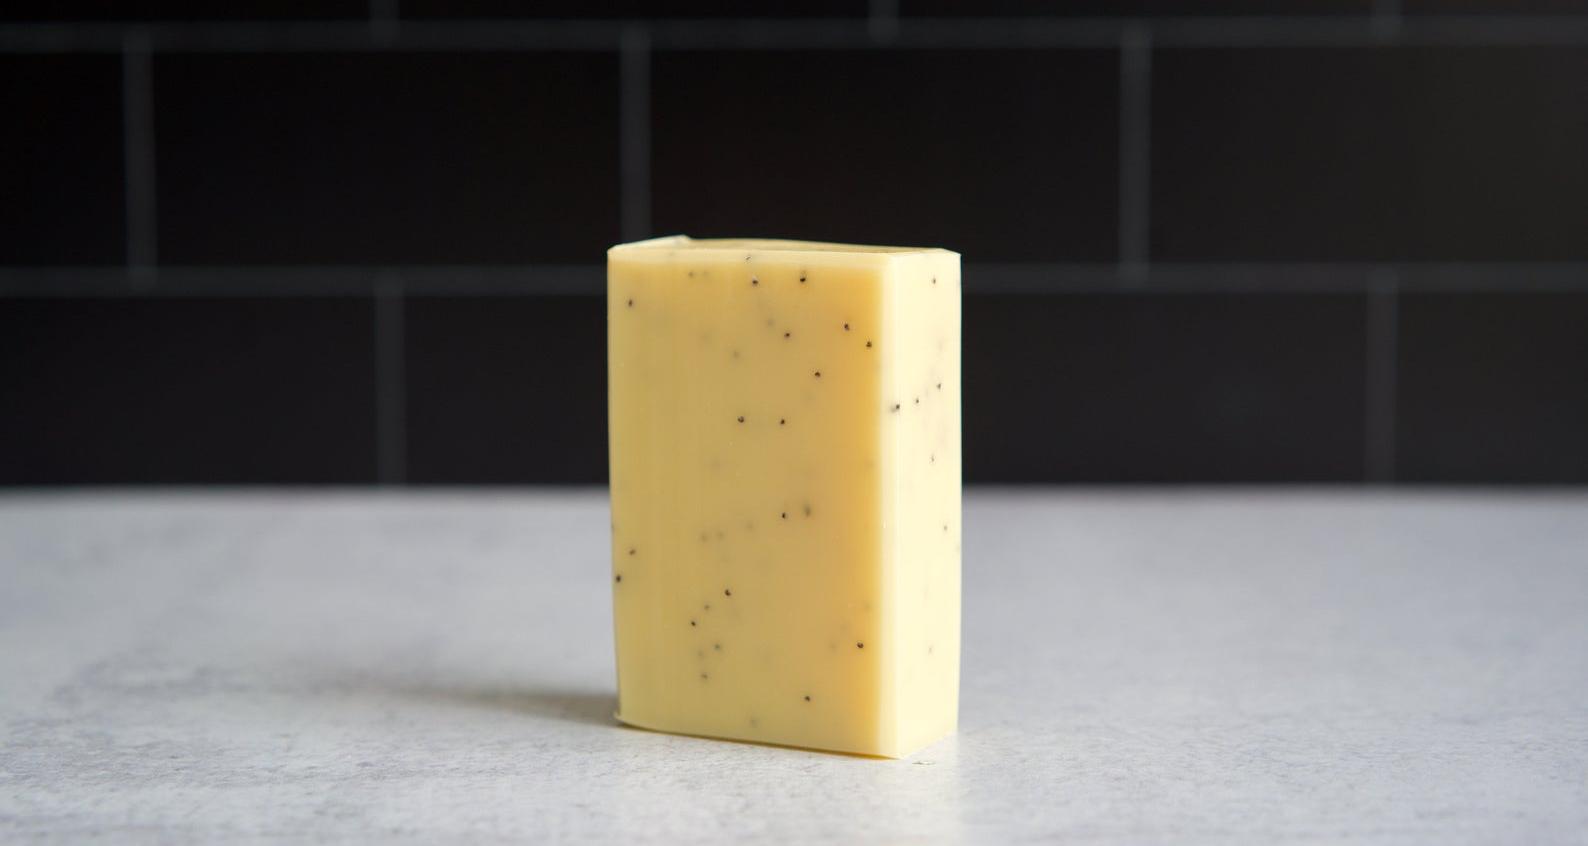 bar of lemon poppyseed soap